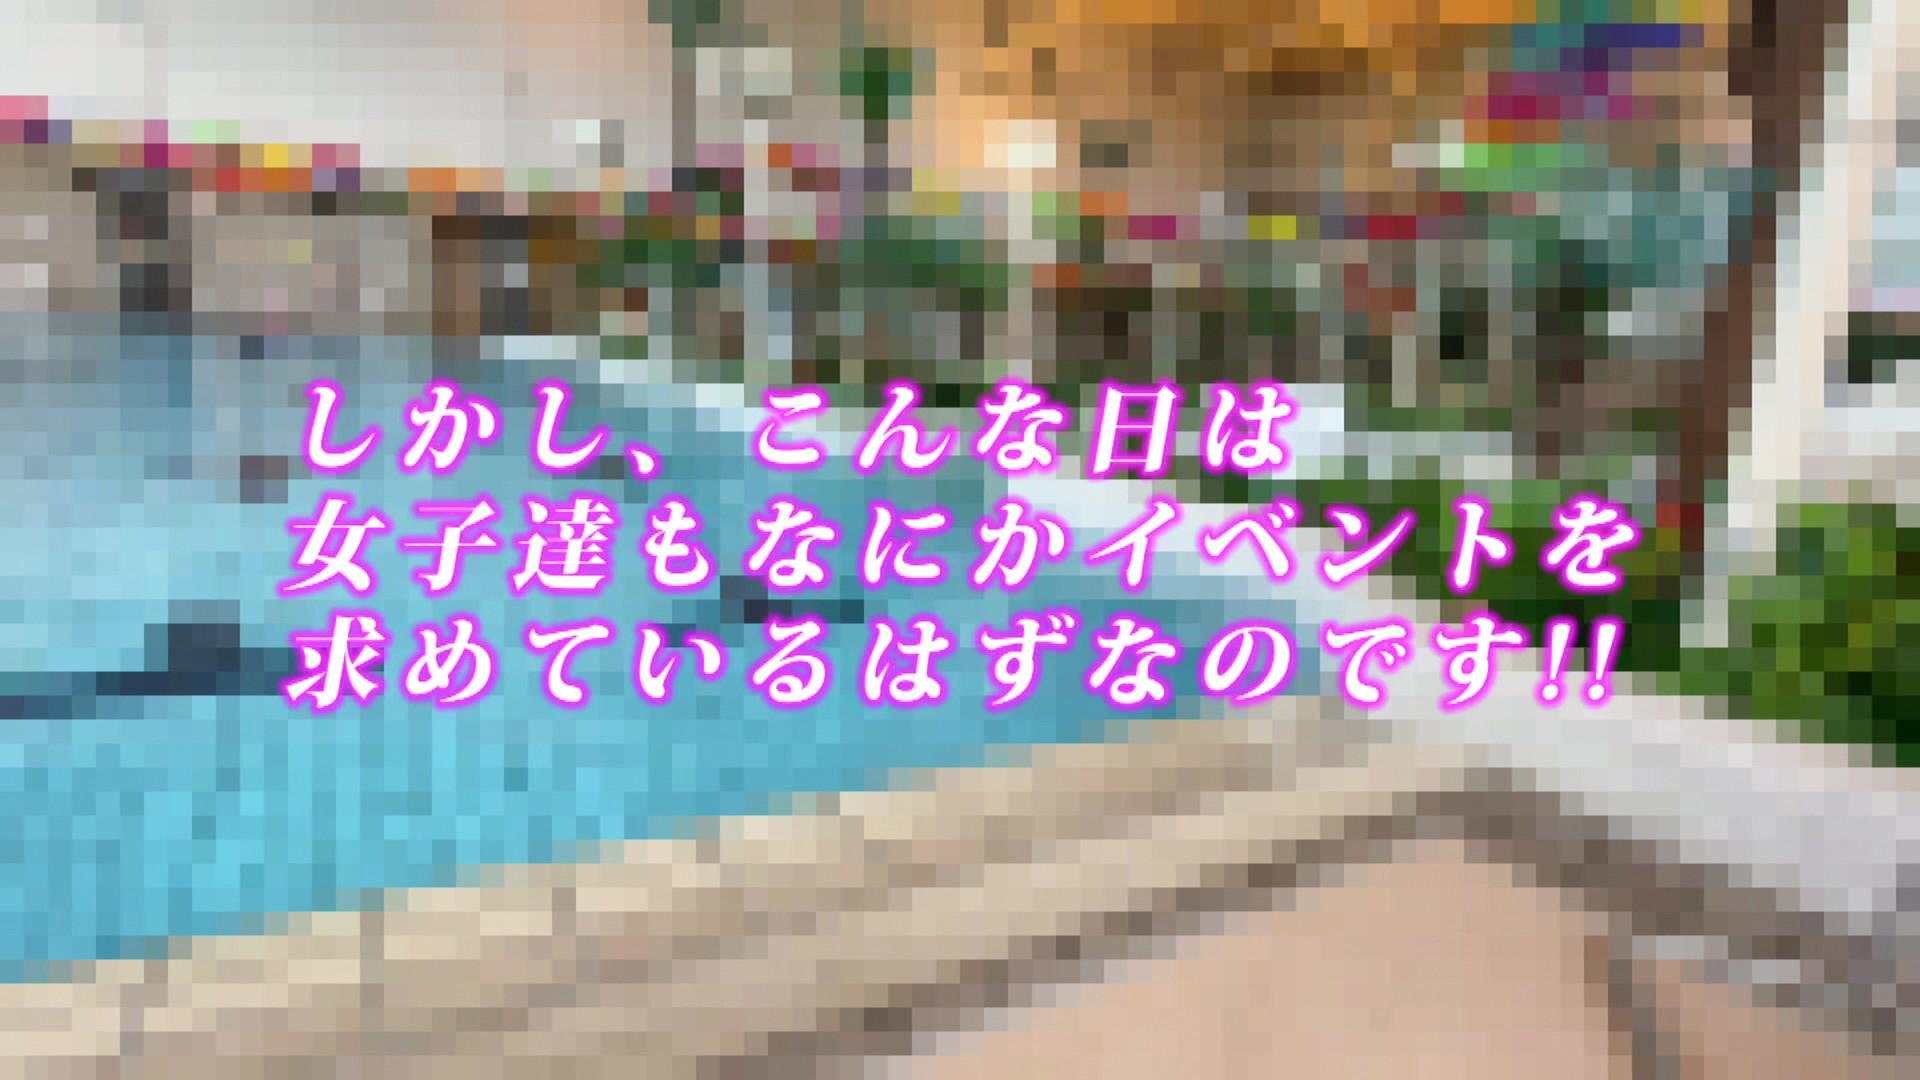 【プールナンパ】顔面偏差値高すぎIT受付嬢!!清楚スレンダーな水着美女がギャラとイケメンの誘惑に敗北♪猛暑日にイキ潮シャワーでハメ狂い☆